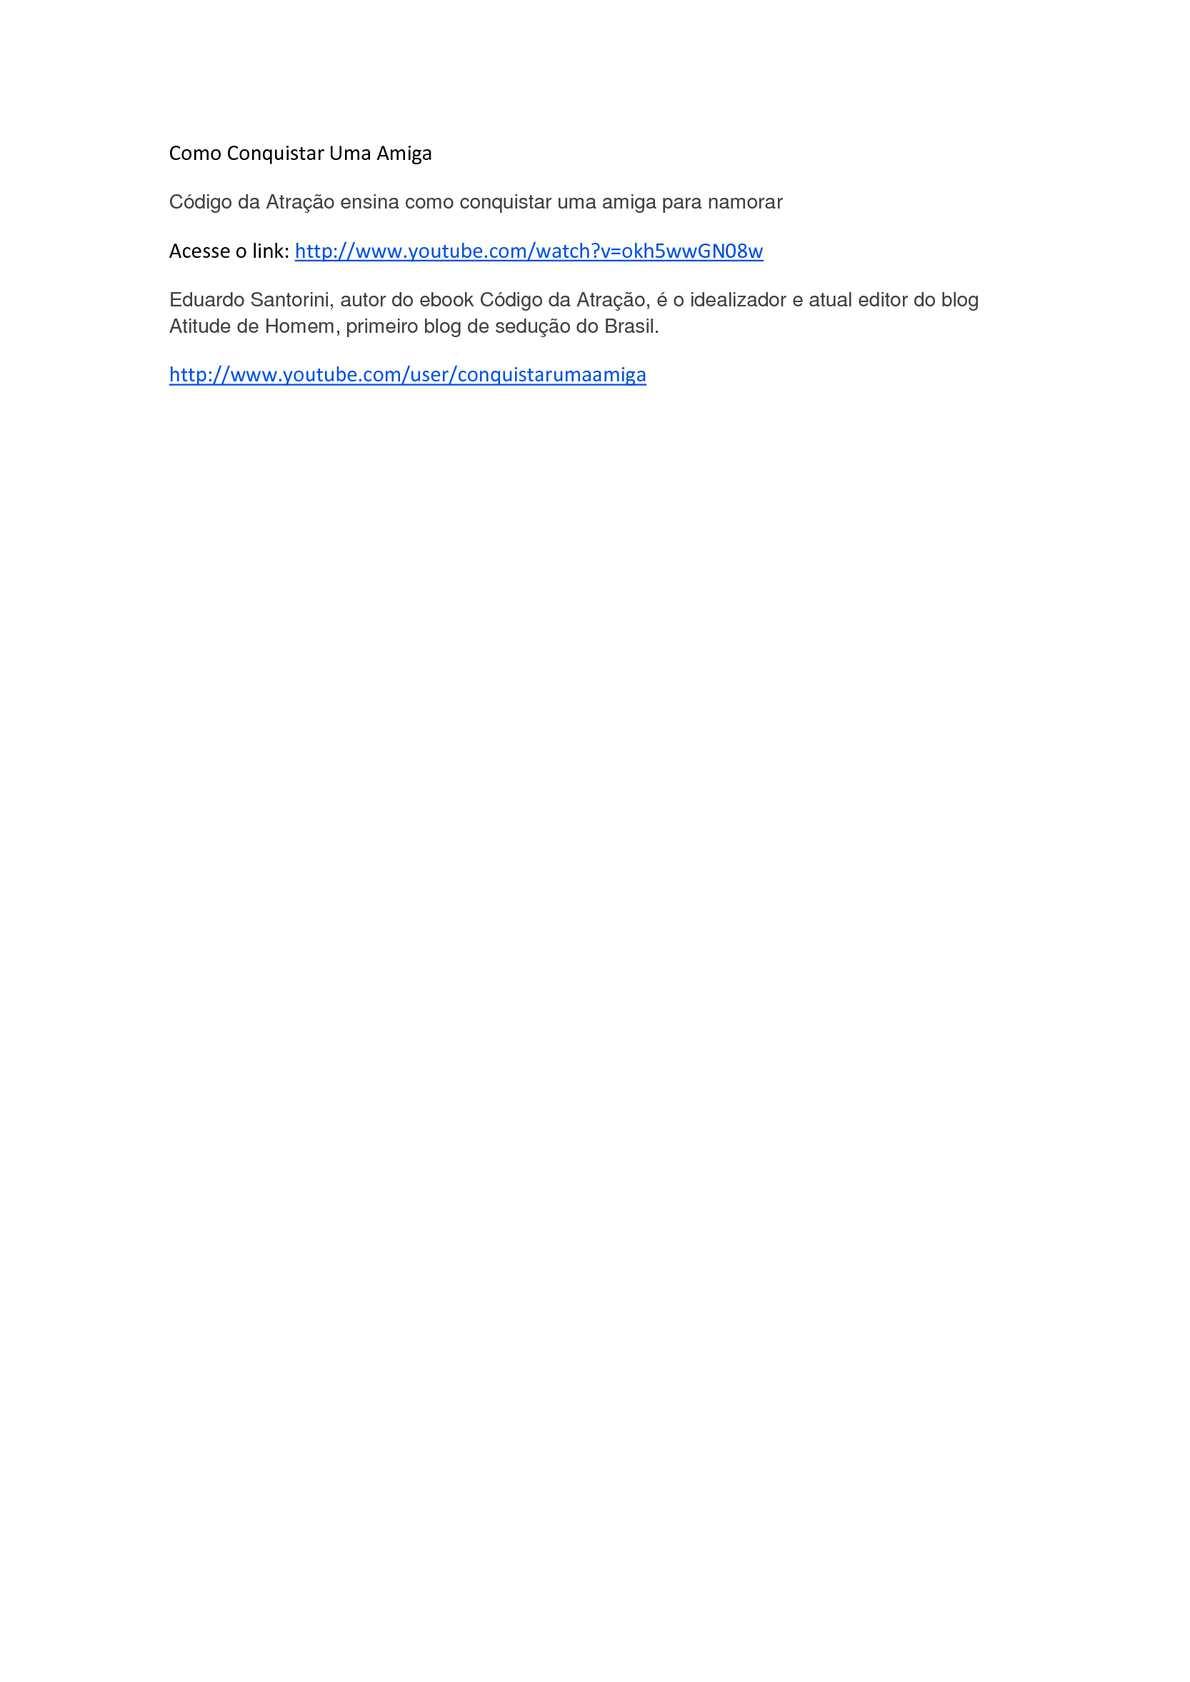 Eduardo Santorini Ebook